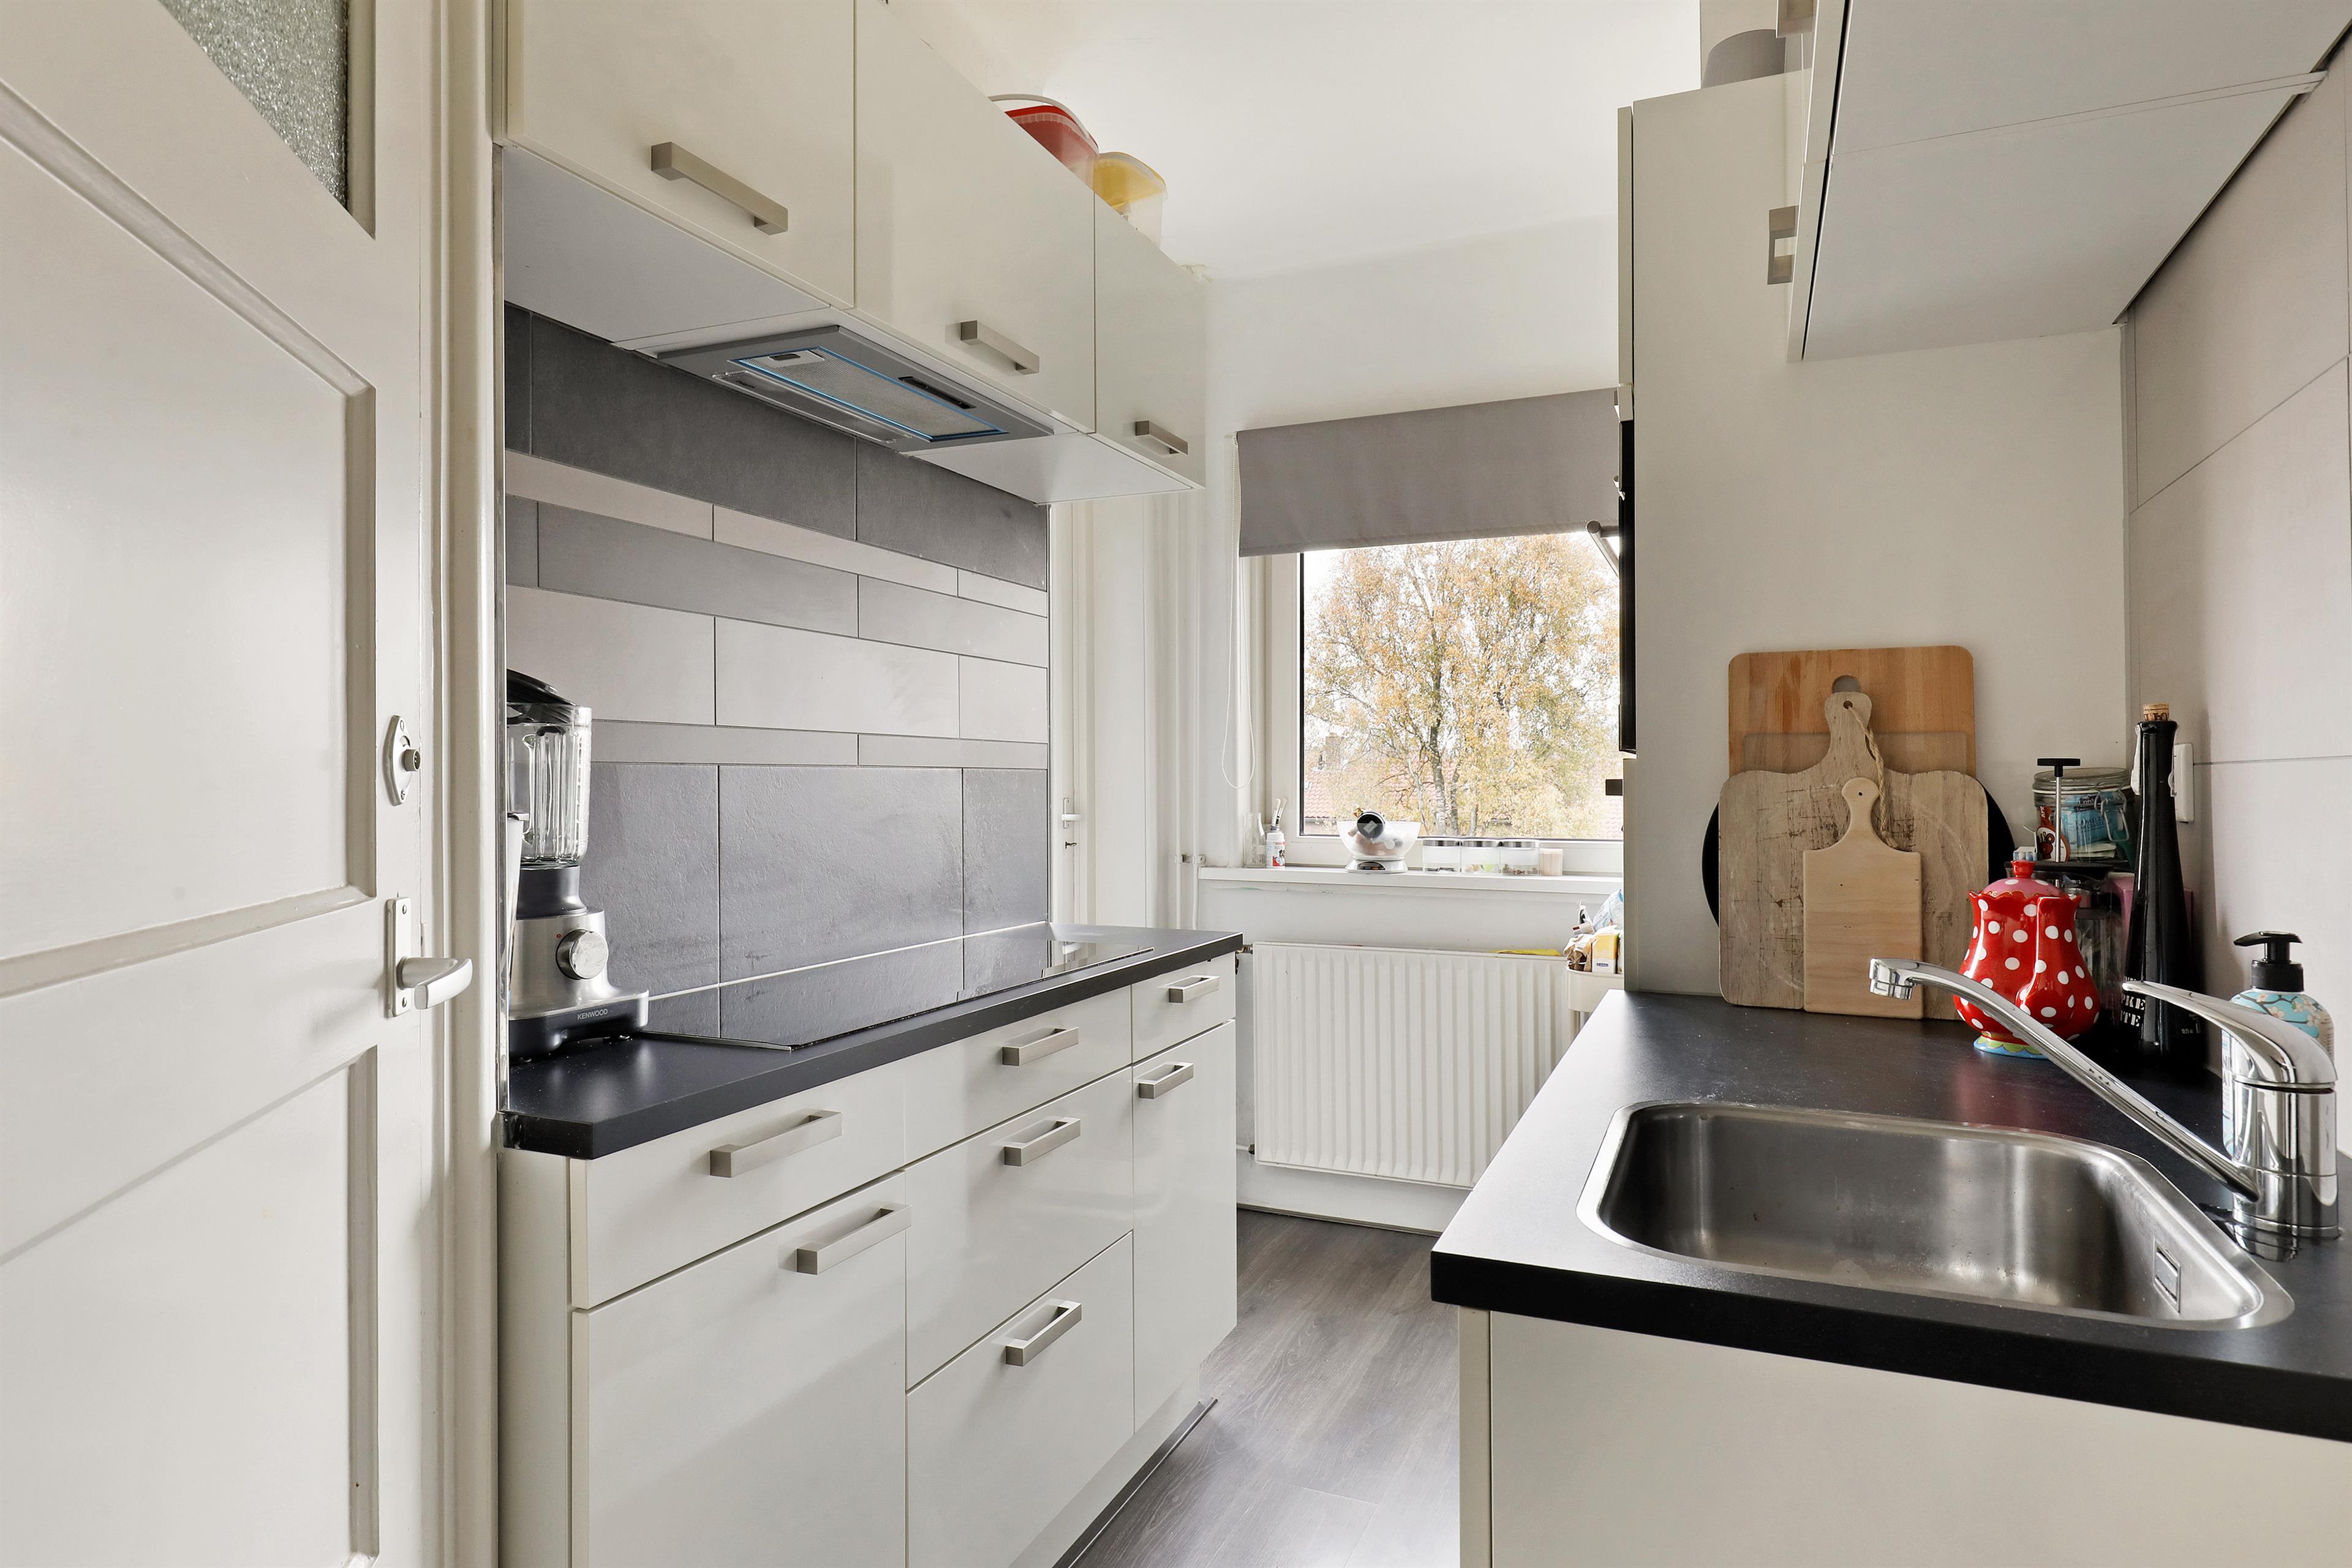 Keuken Design Amersfoort : Te koop: van almondestraat 7c amersfoort hendriks makelaardij